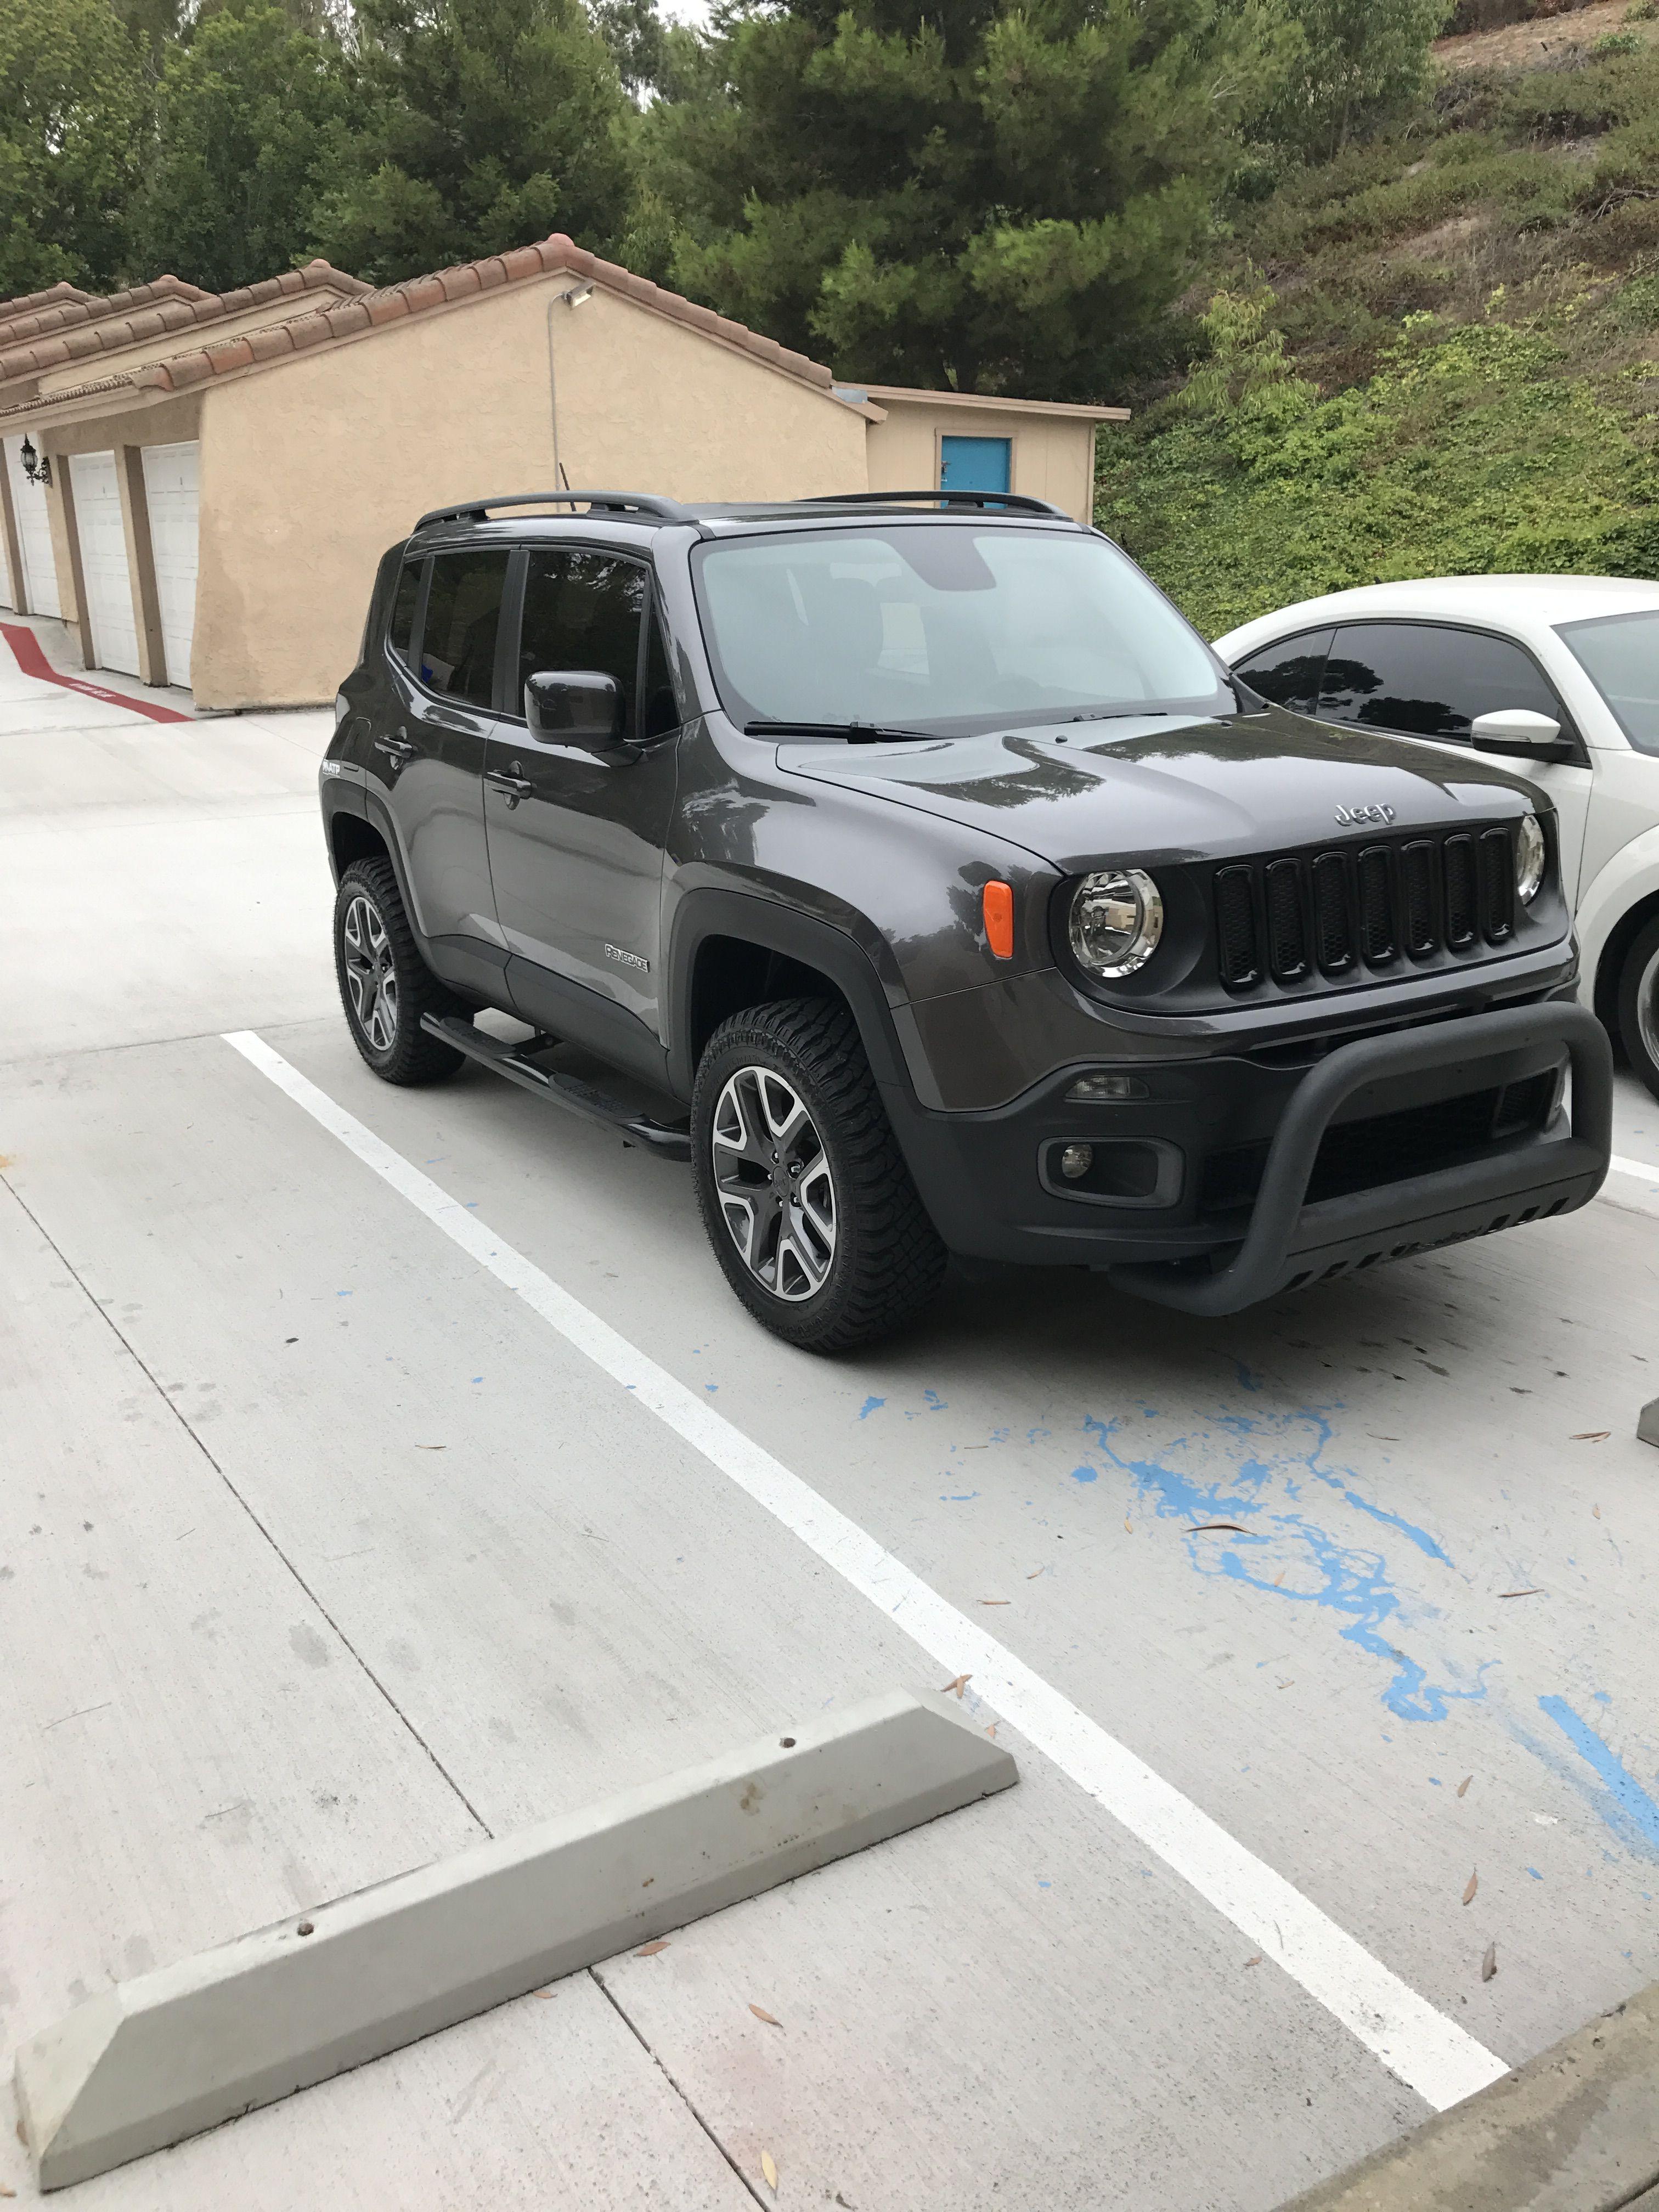 Jeep Renegade Bumper Guard : renegade, bumper, guard, Renegade, Lifted, Renegade,, Trailhawk,, Chrysler, Dodge